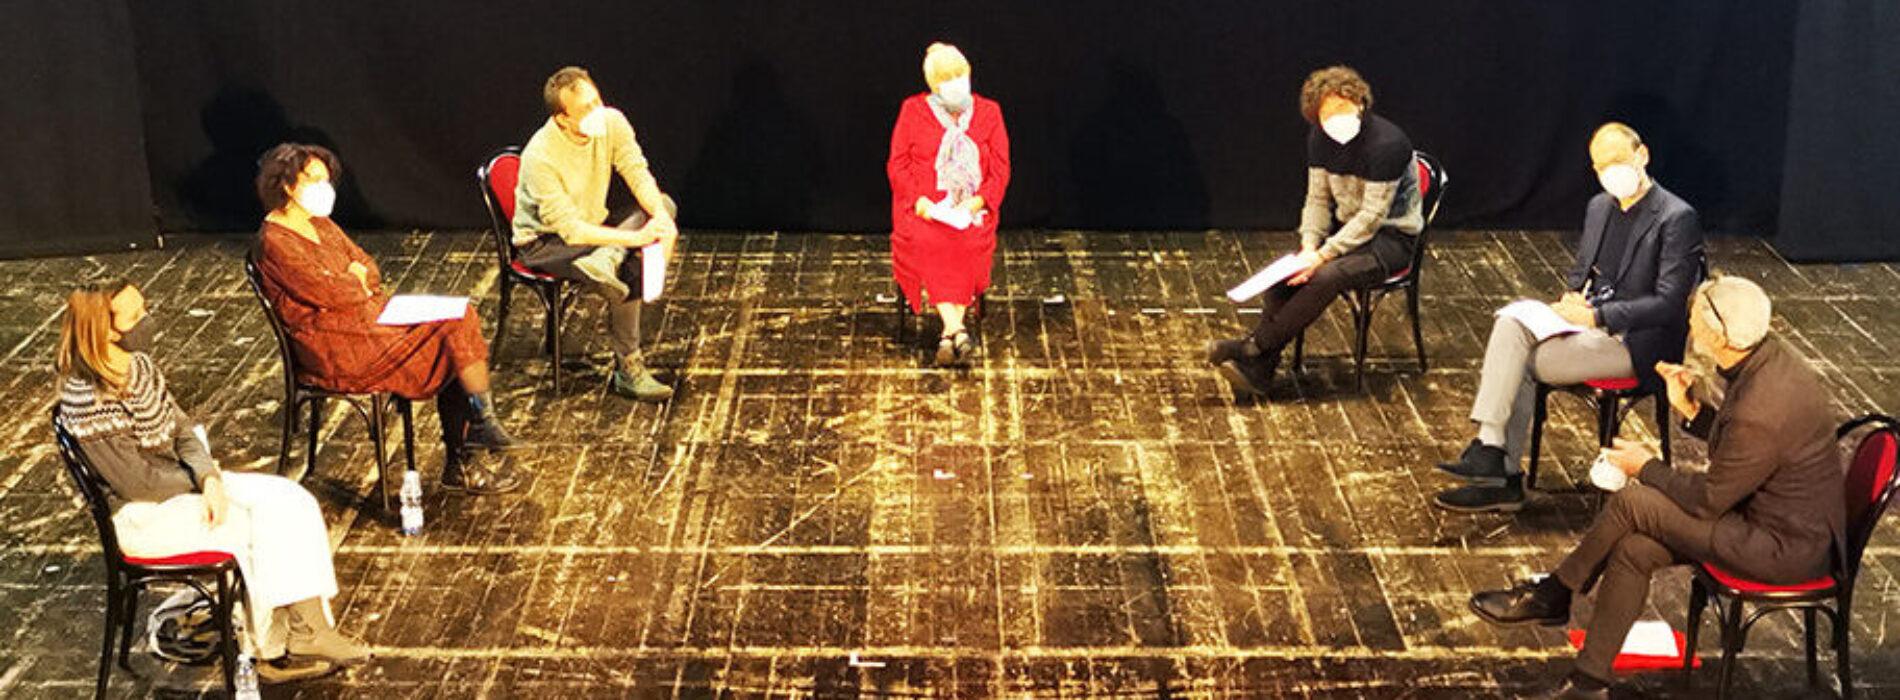 Teatro Pubblico Campano, i vincitori di Nuove Sensibilità 2.0